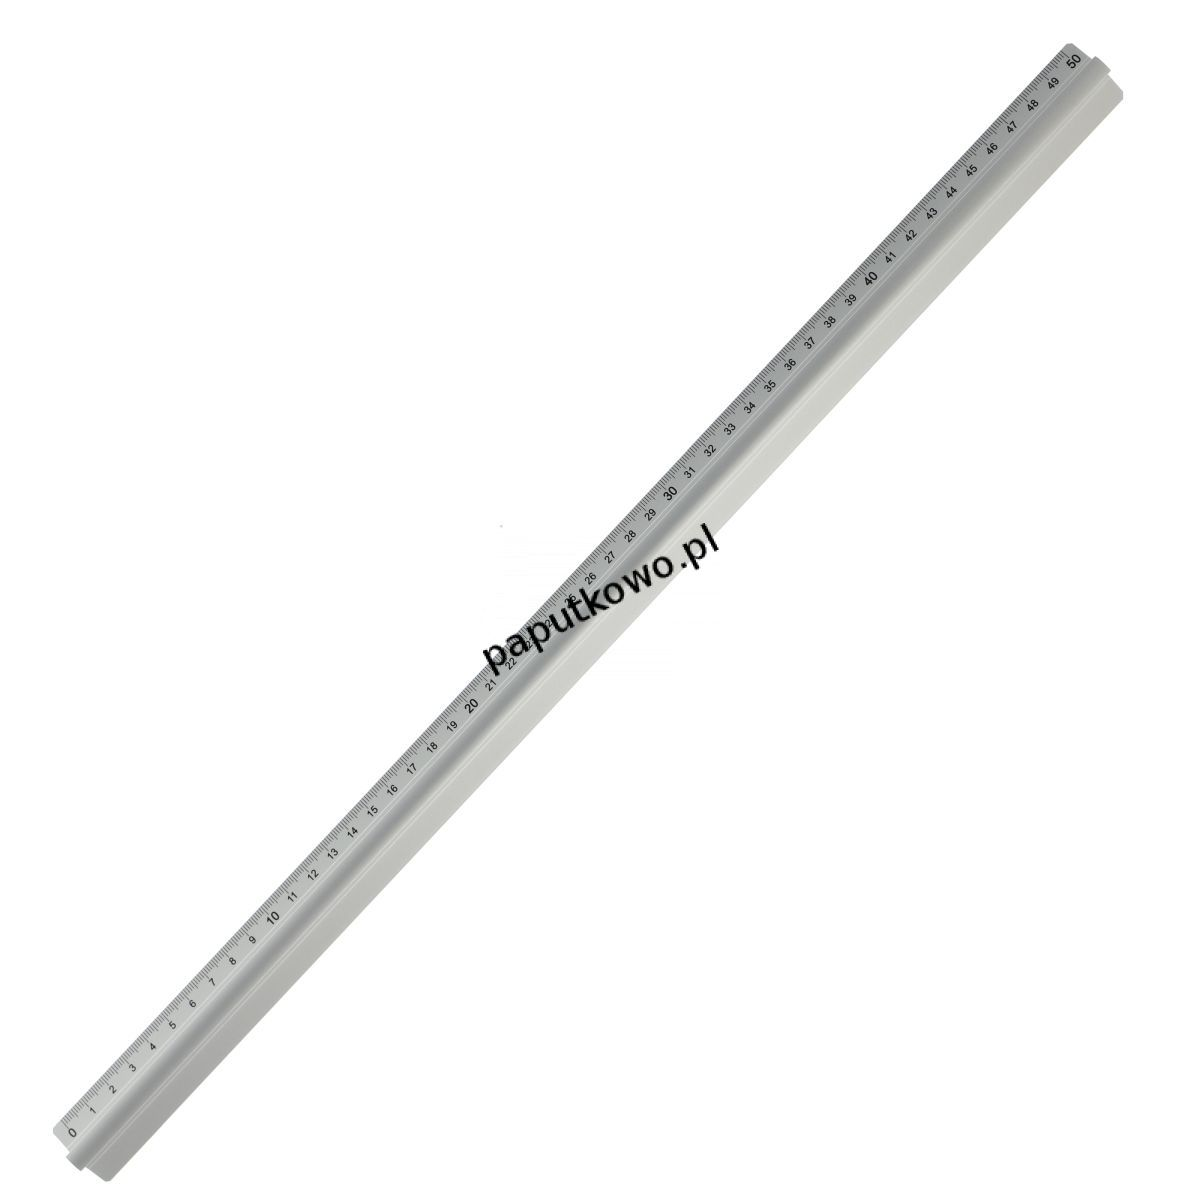 Linijka metalowa Leniar 50 cm (30319)